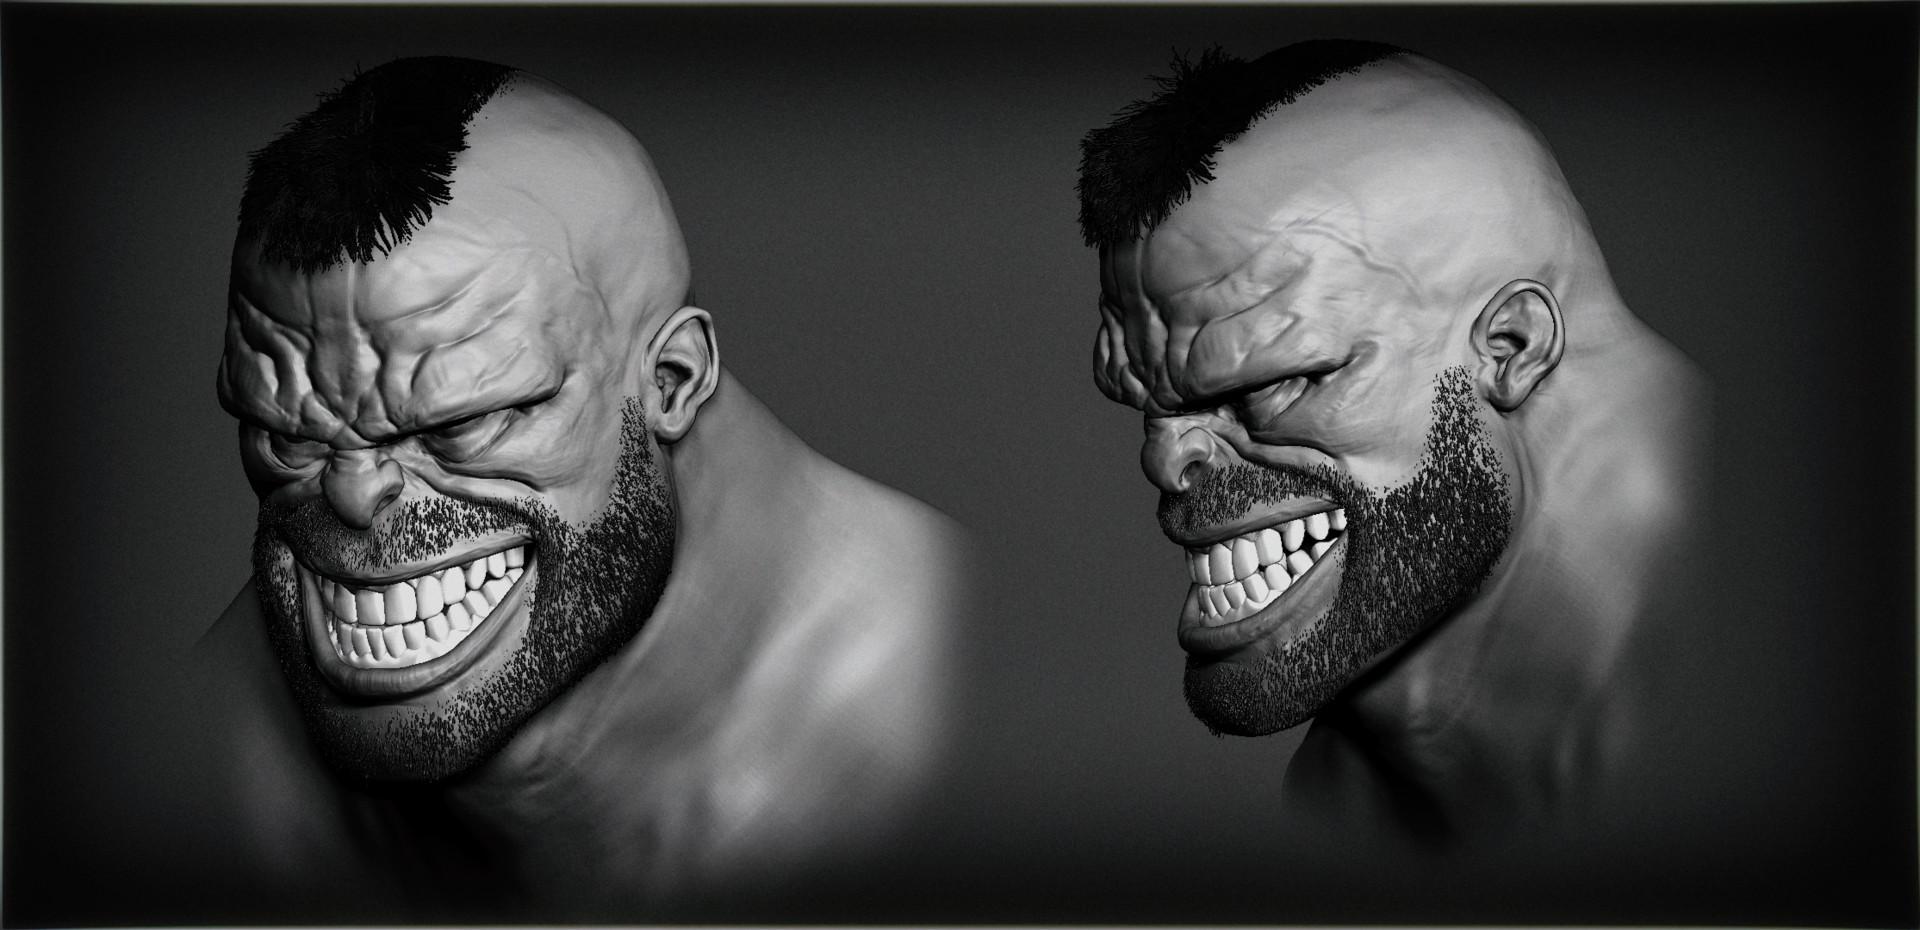 Pierre benjamin hulk test render02dddddddd